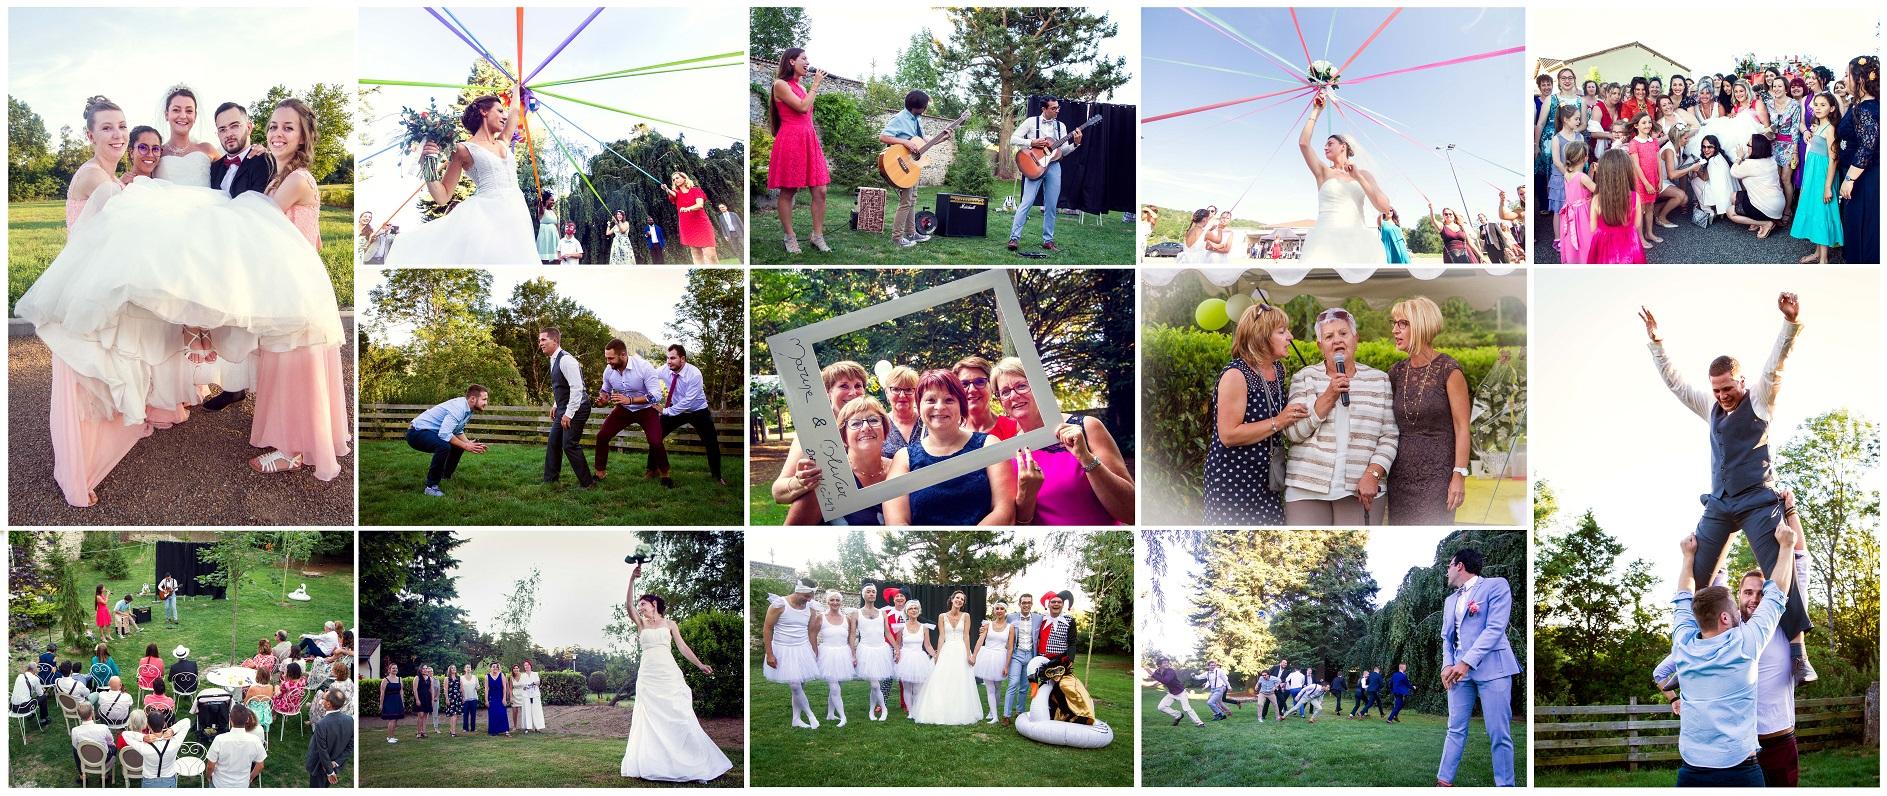 le vin d'honneur, gourmandises, groupes, photos de groupe, ambiance, reportage de mariage, photographie de mariage, photographe de mariage